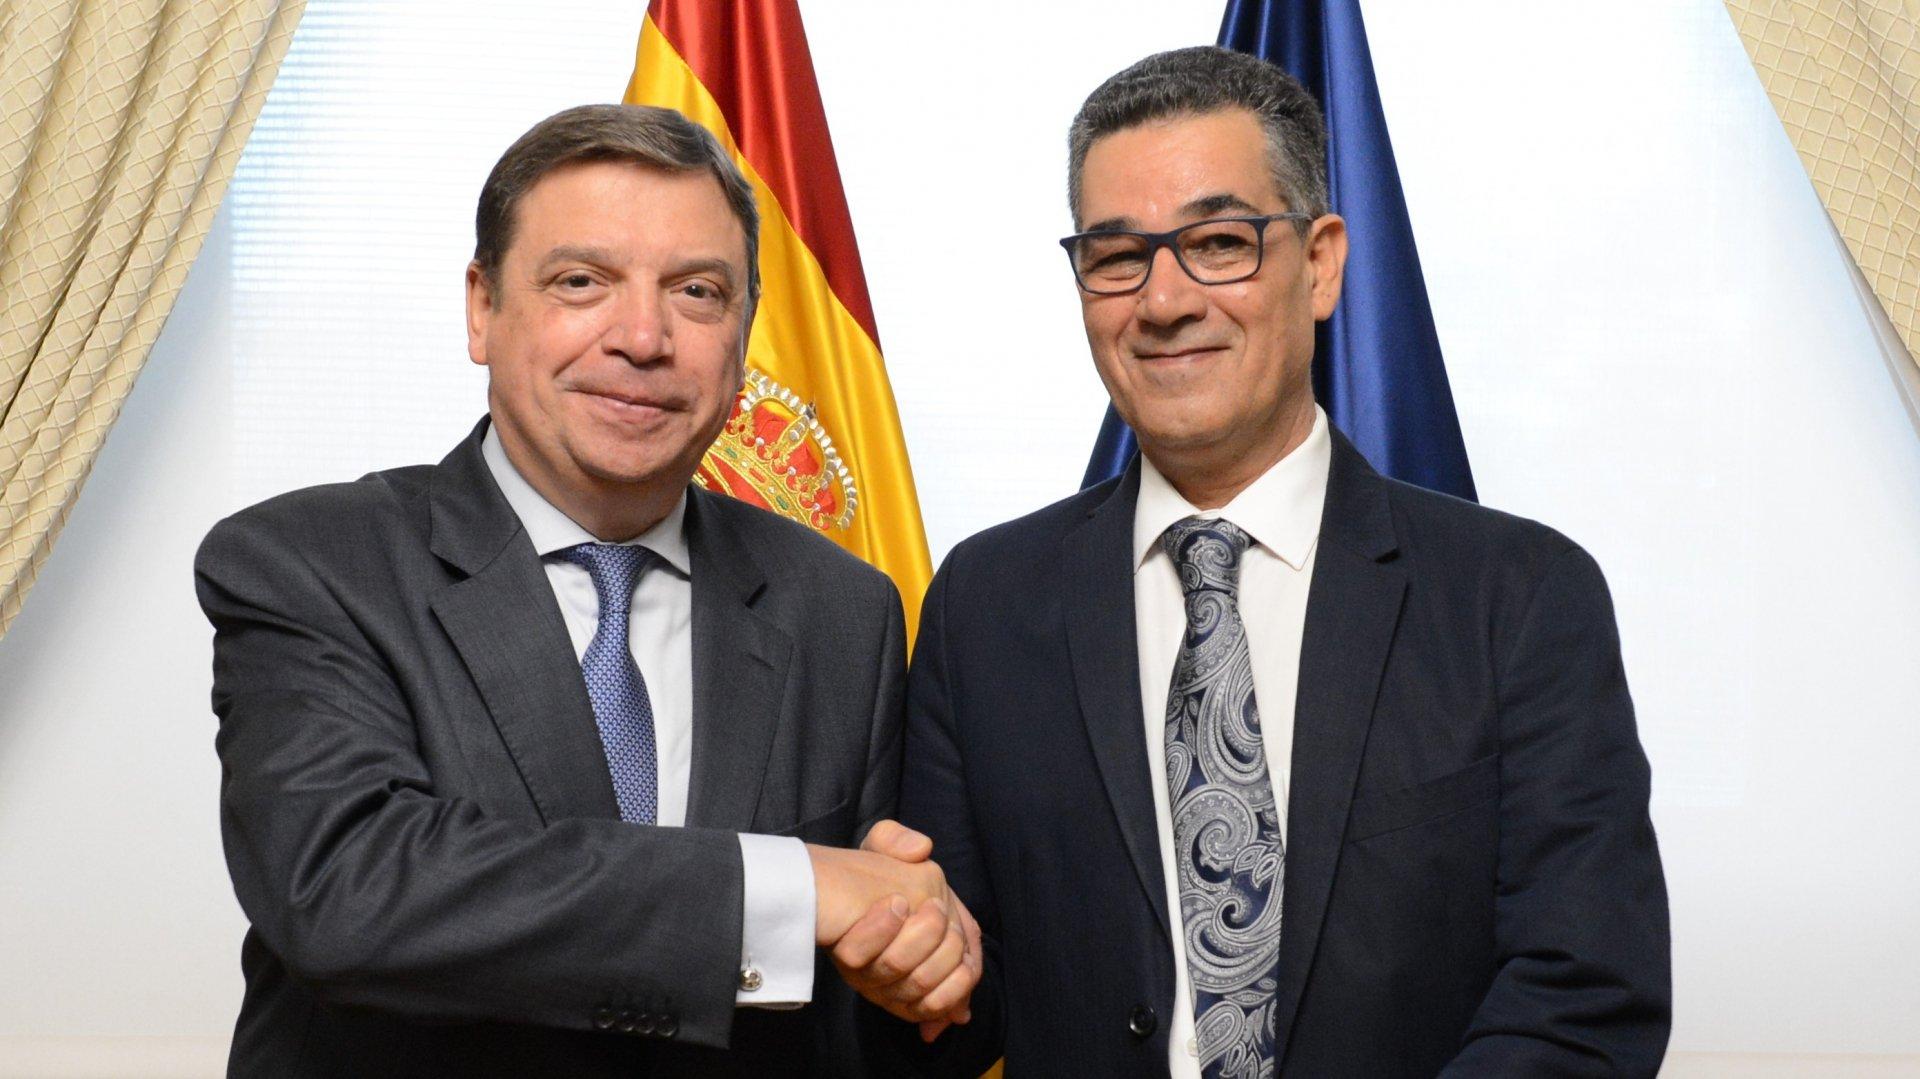 Il ministro dell'agricoltura spagnolo Luis Planas ha incontrato il direttore esecutivo del Coi Abdellatif Ghedira